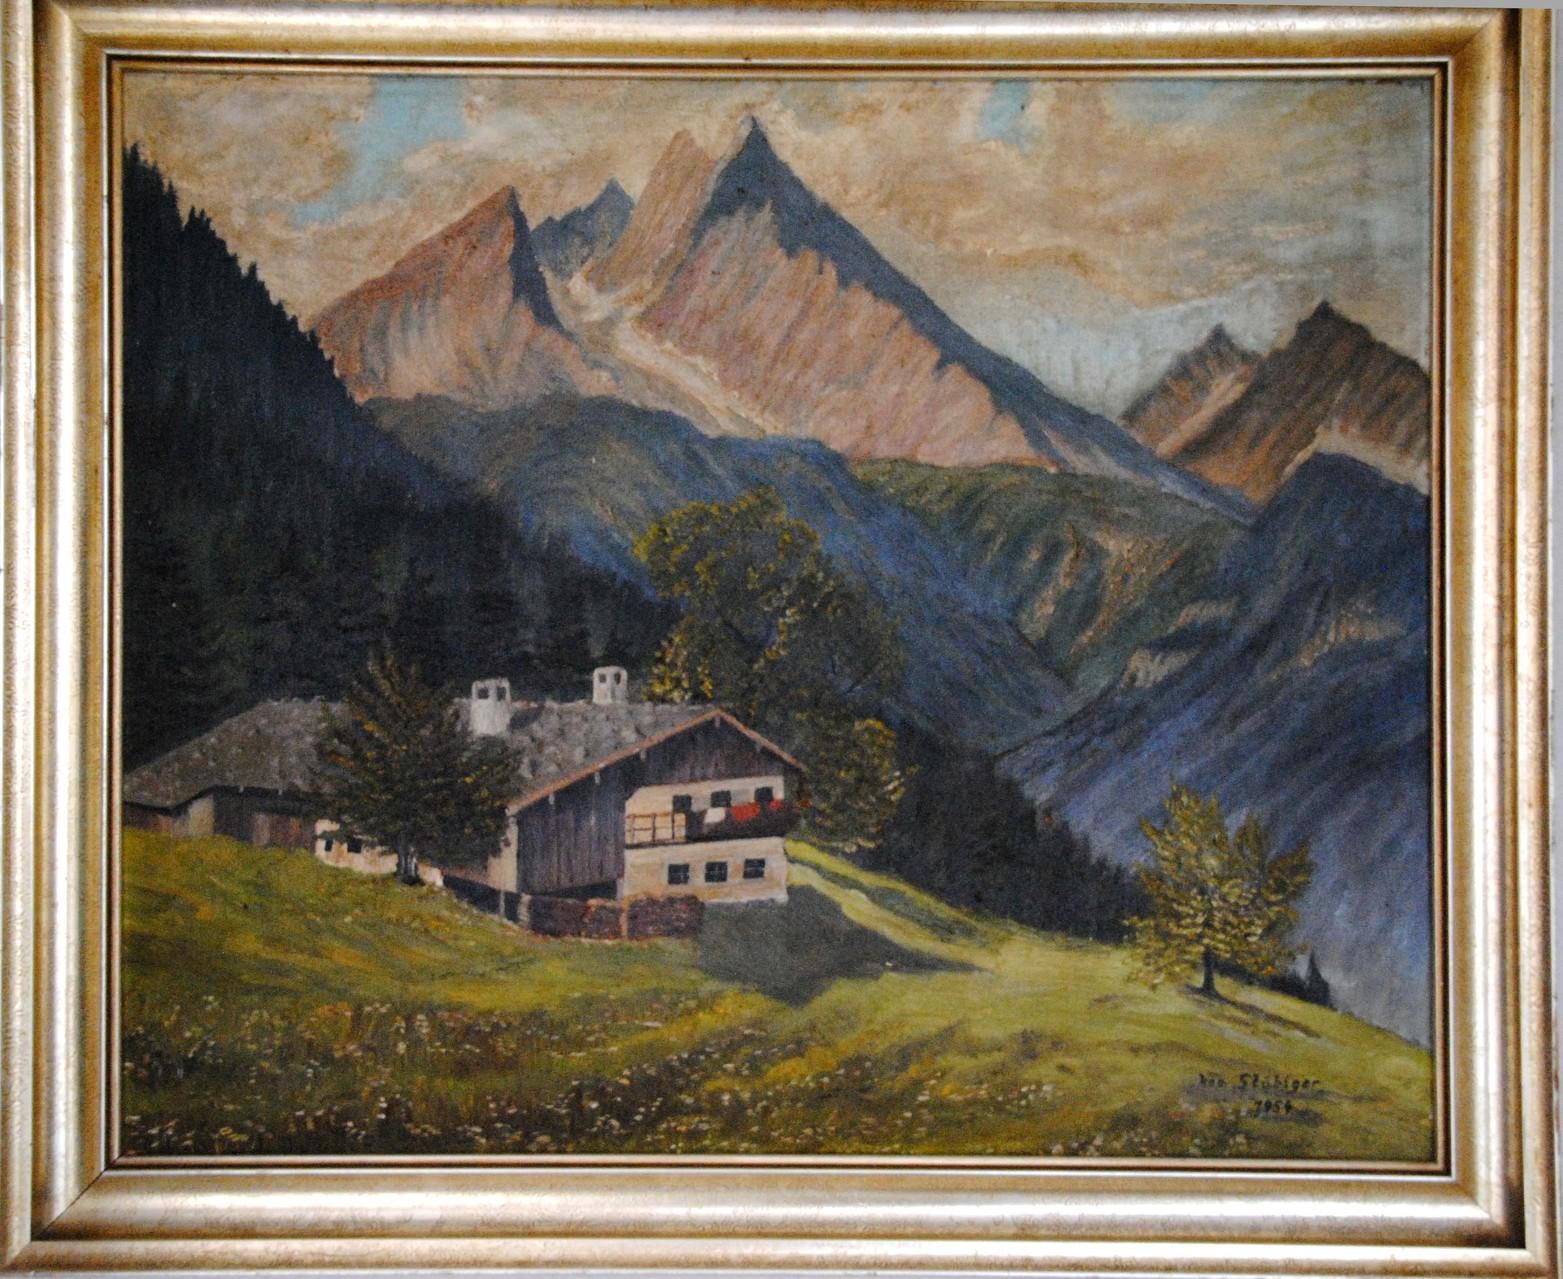 Dieses Bild malte mein Vater 1954